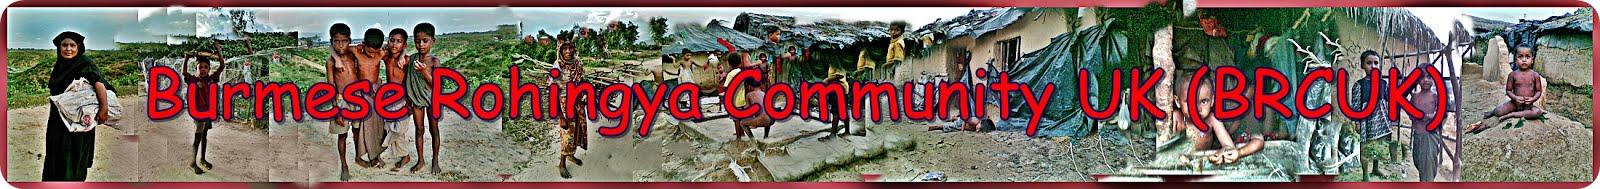 Burmese Rohingya community UK (BRCUK)